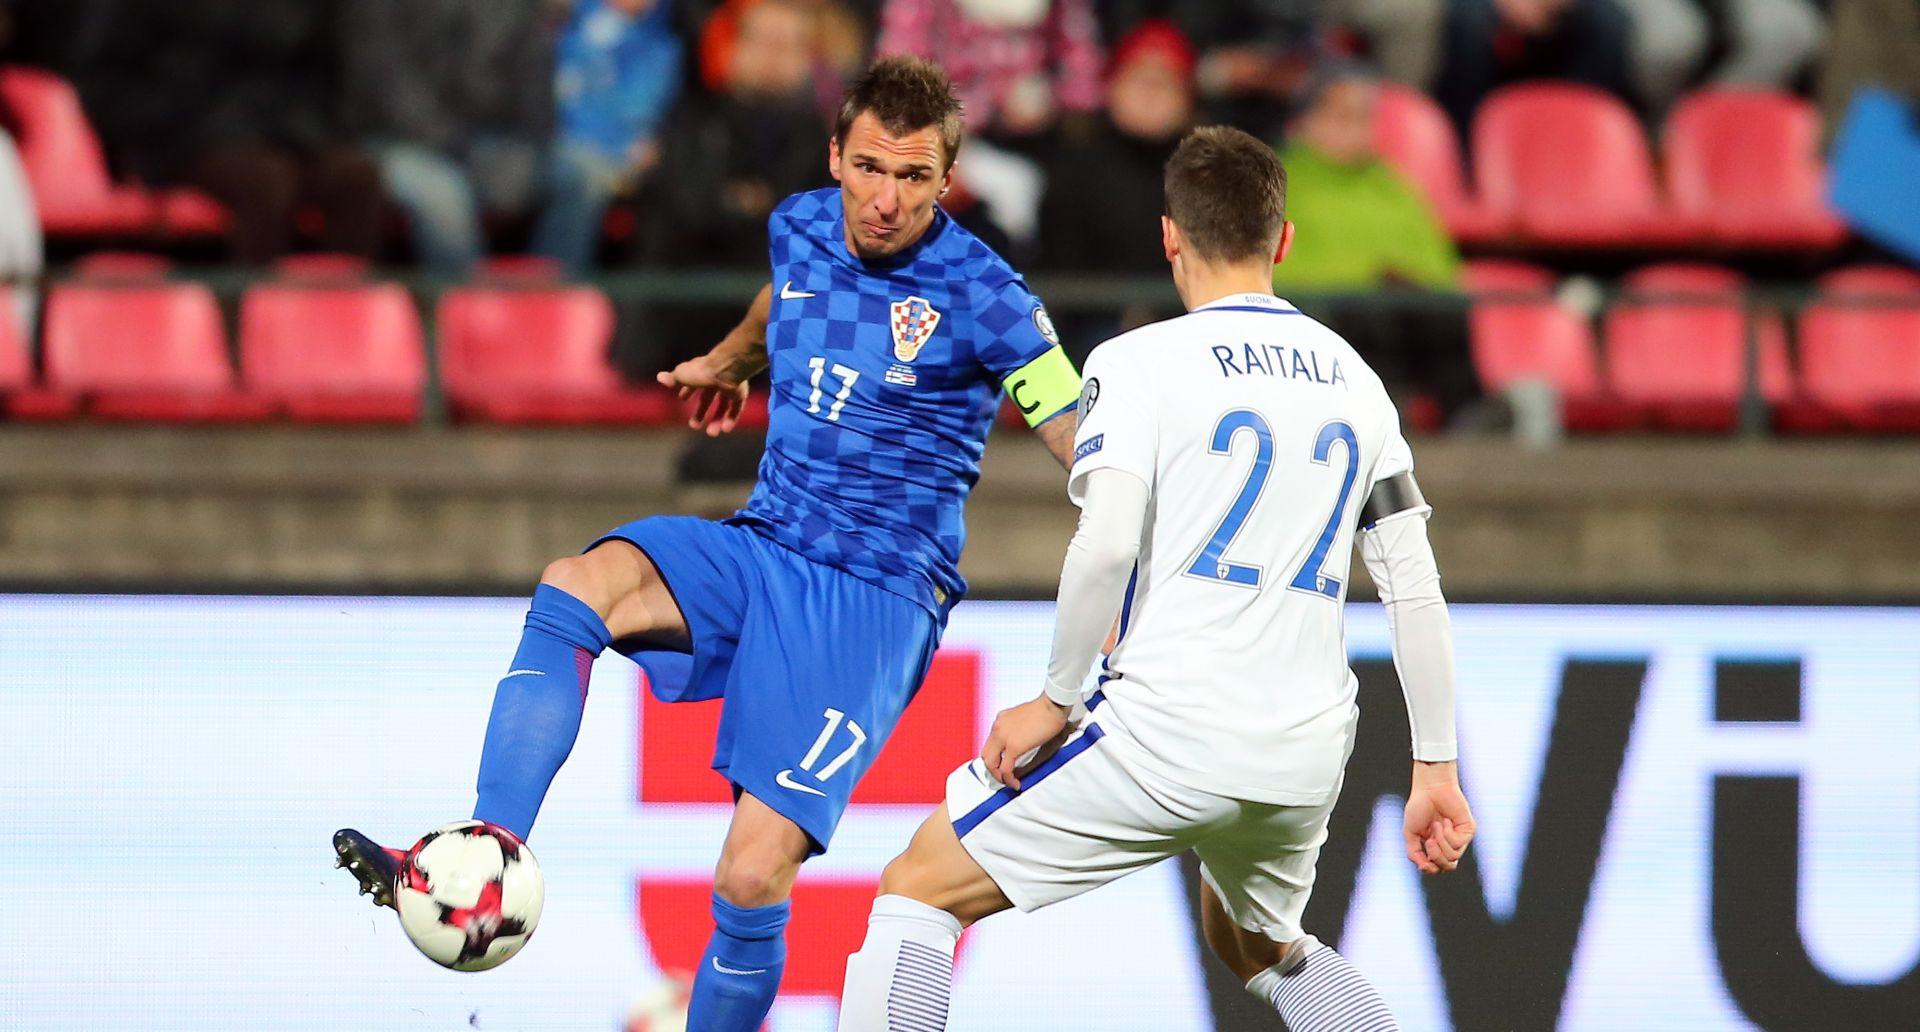 FOTO: CILJ JE POSTIGNUT Nije bilo prekrasno, ali i Finska je savladana, Mandžukić donio tri boda